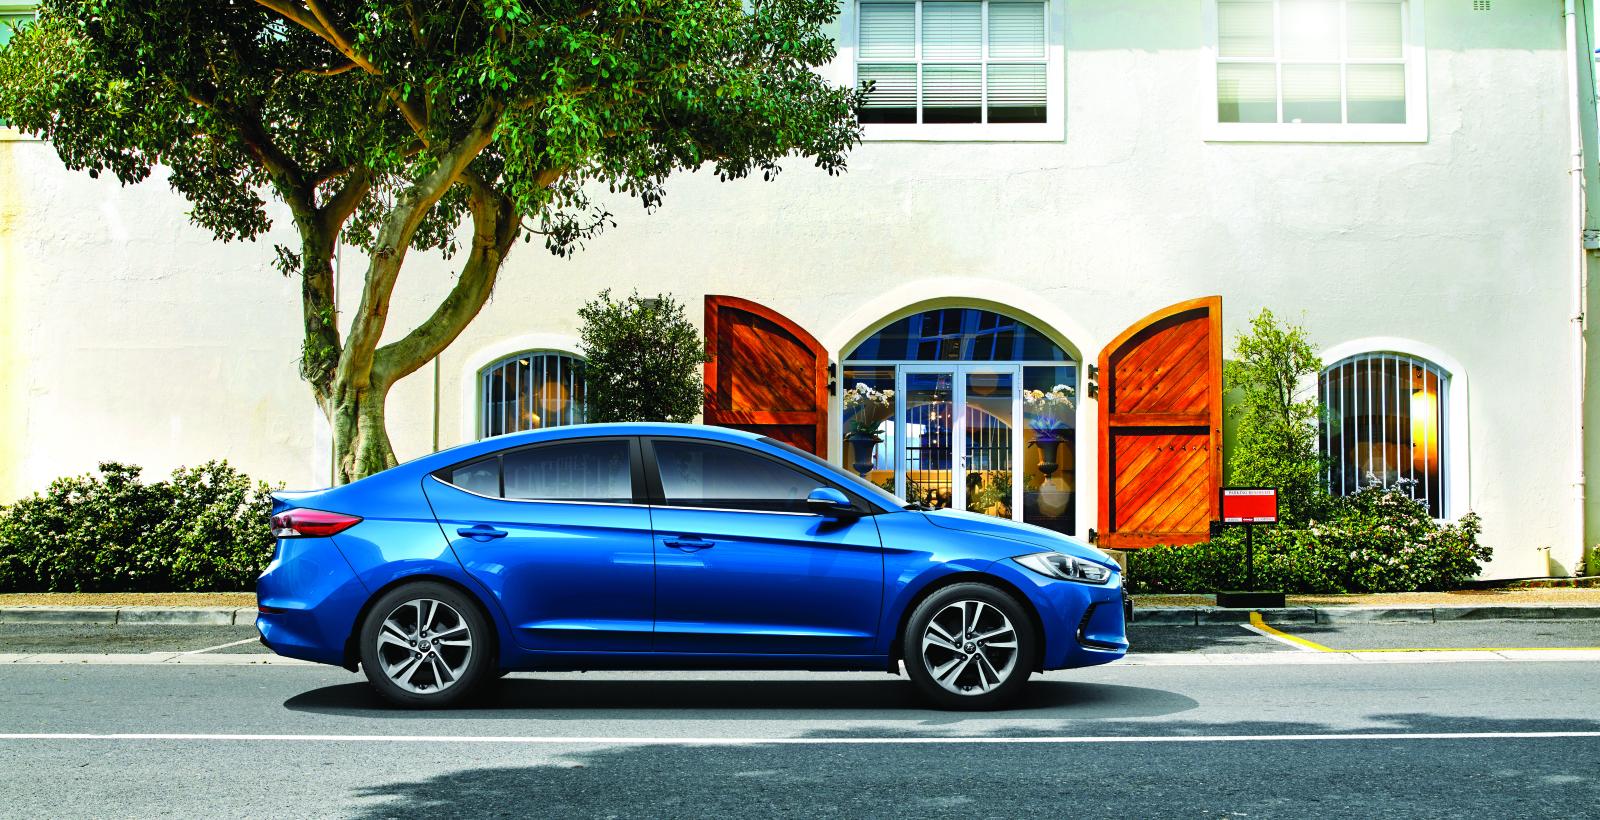 Новая Elantra имеет аккуратную боковую линию, которая подчеркивает наклонный силуэт боковых окон и привлекательный профиль автомобиля